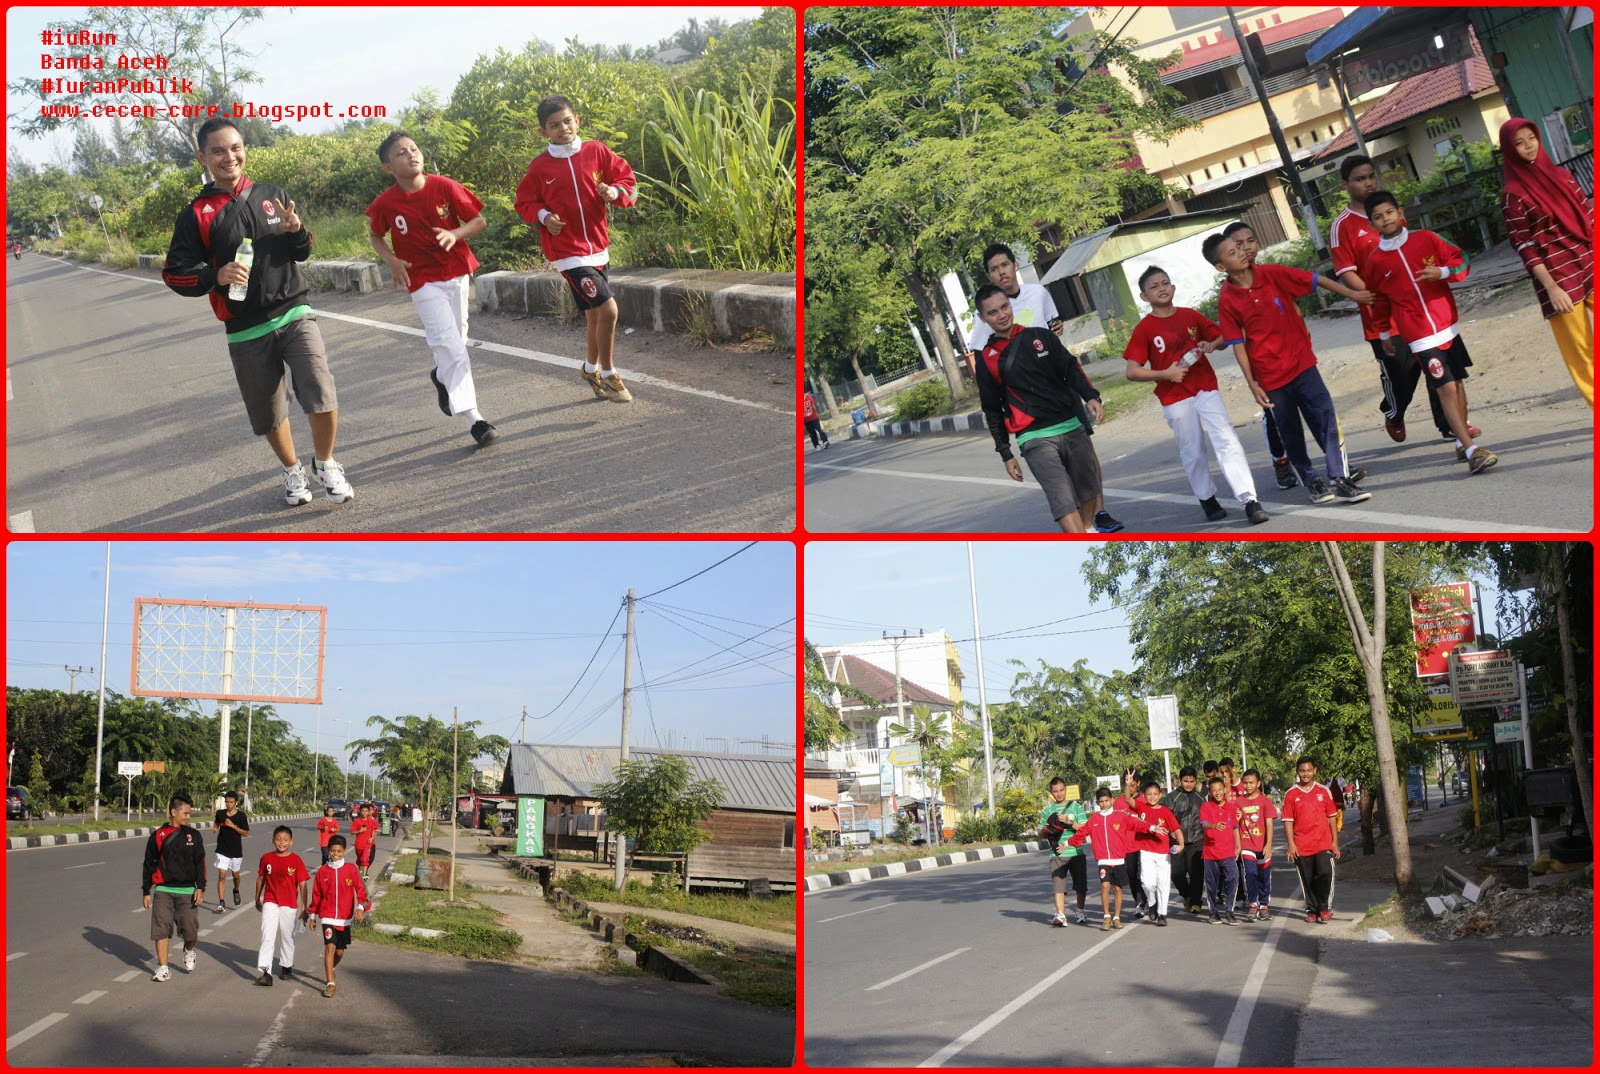 #iuRun Indo Runners Banda Aceh untuk #IuranPublik